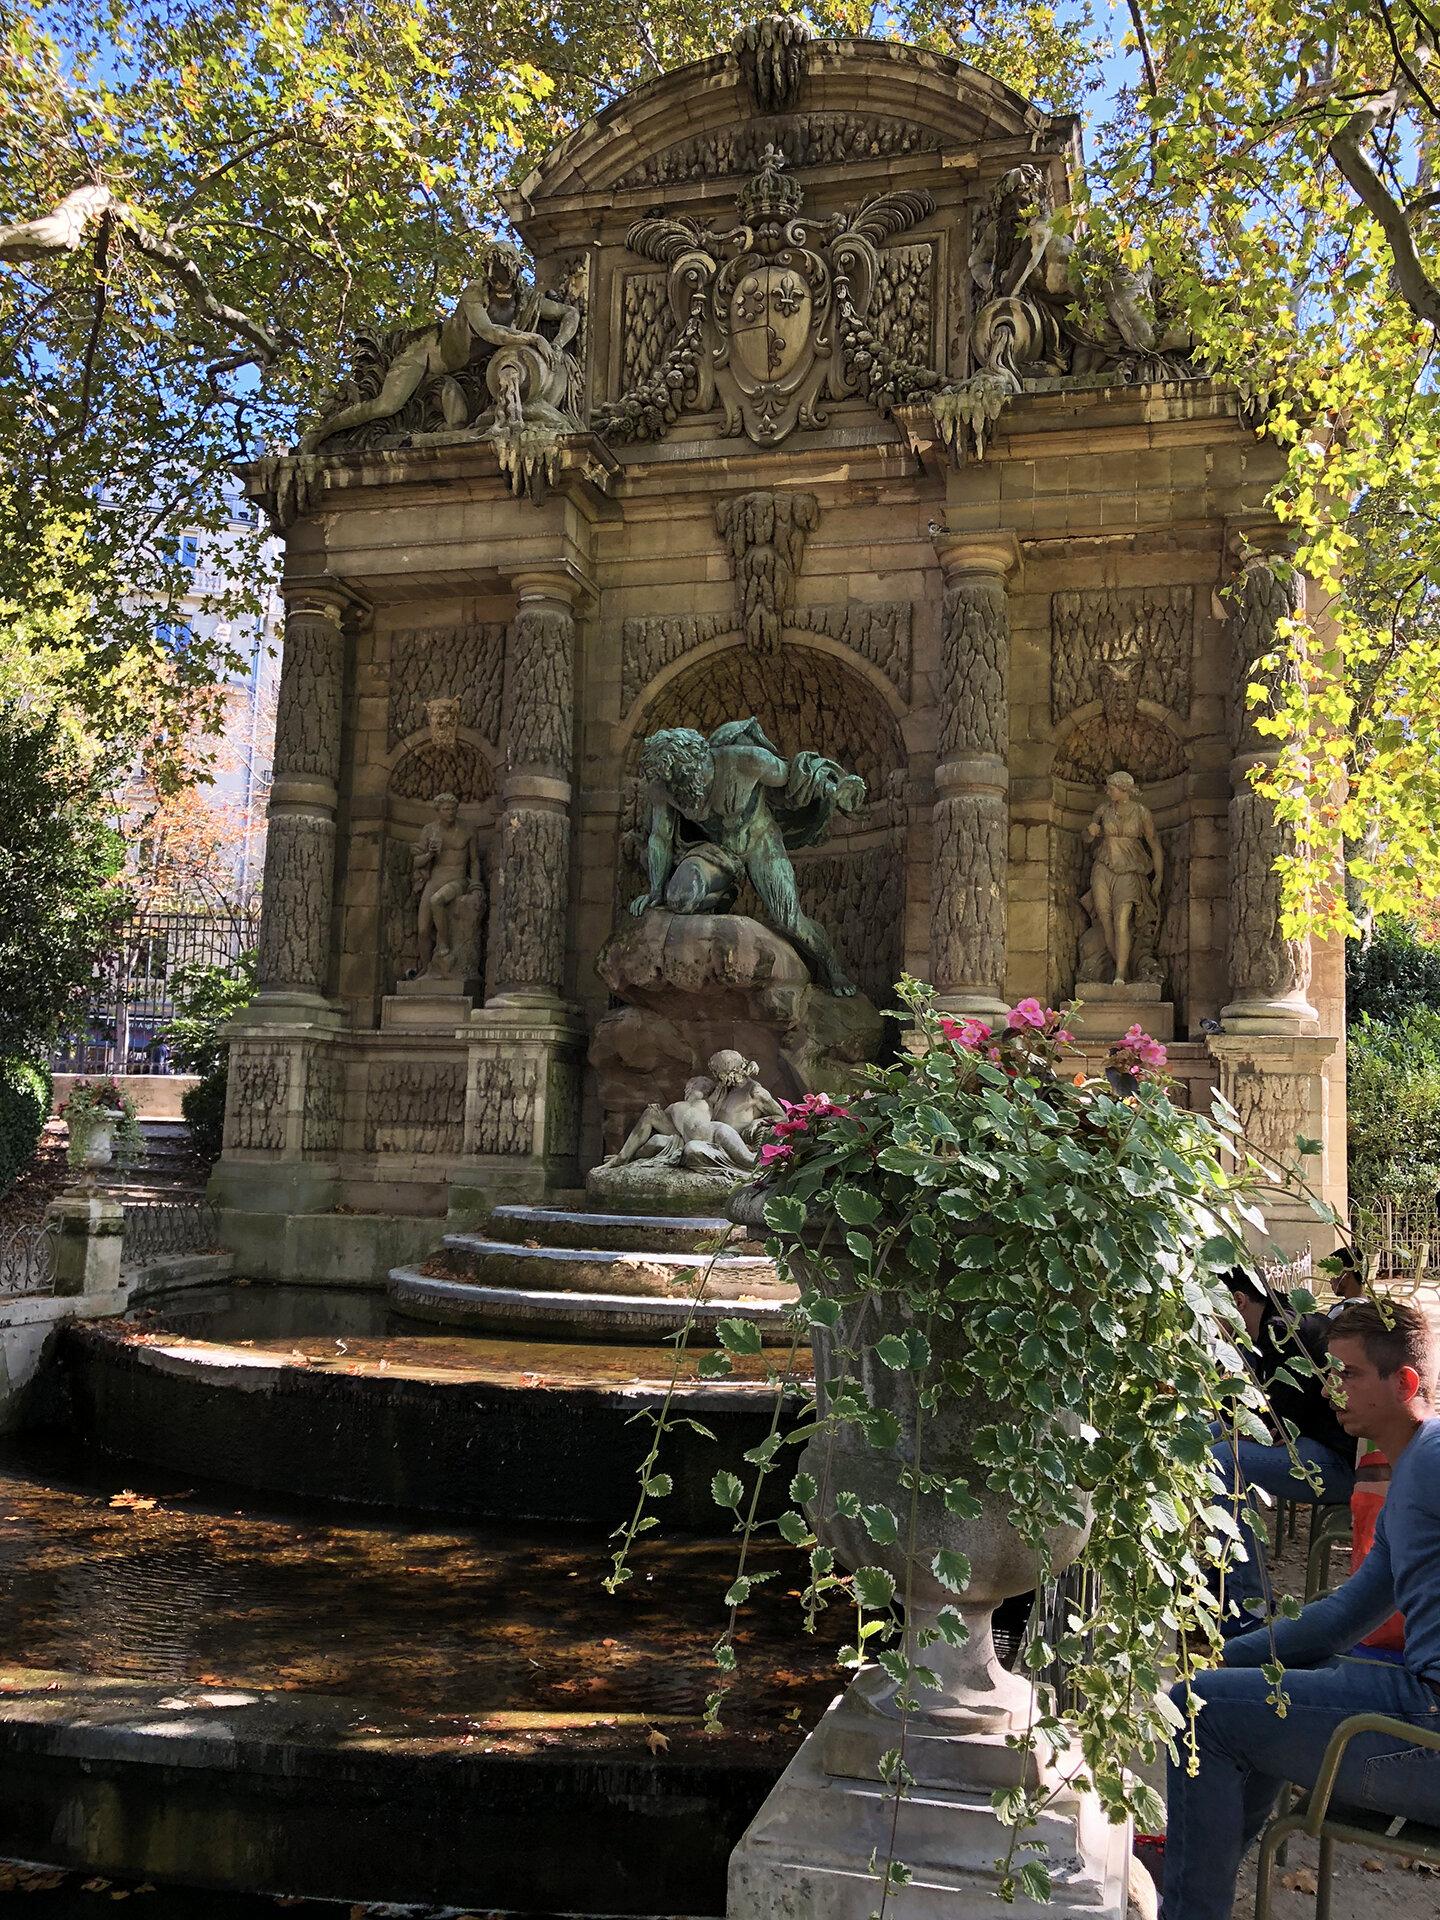 Medicis fountain